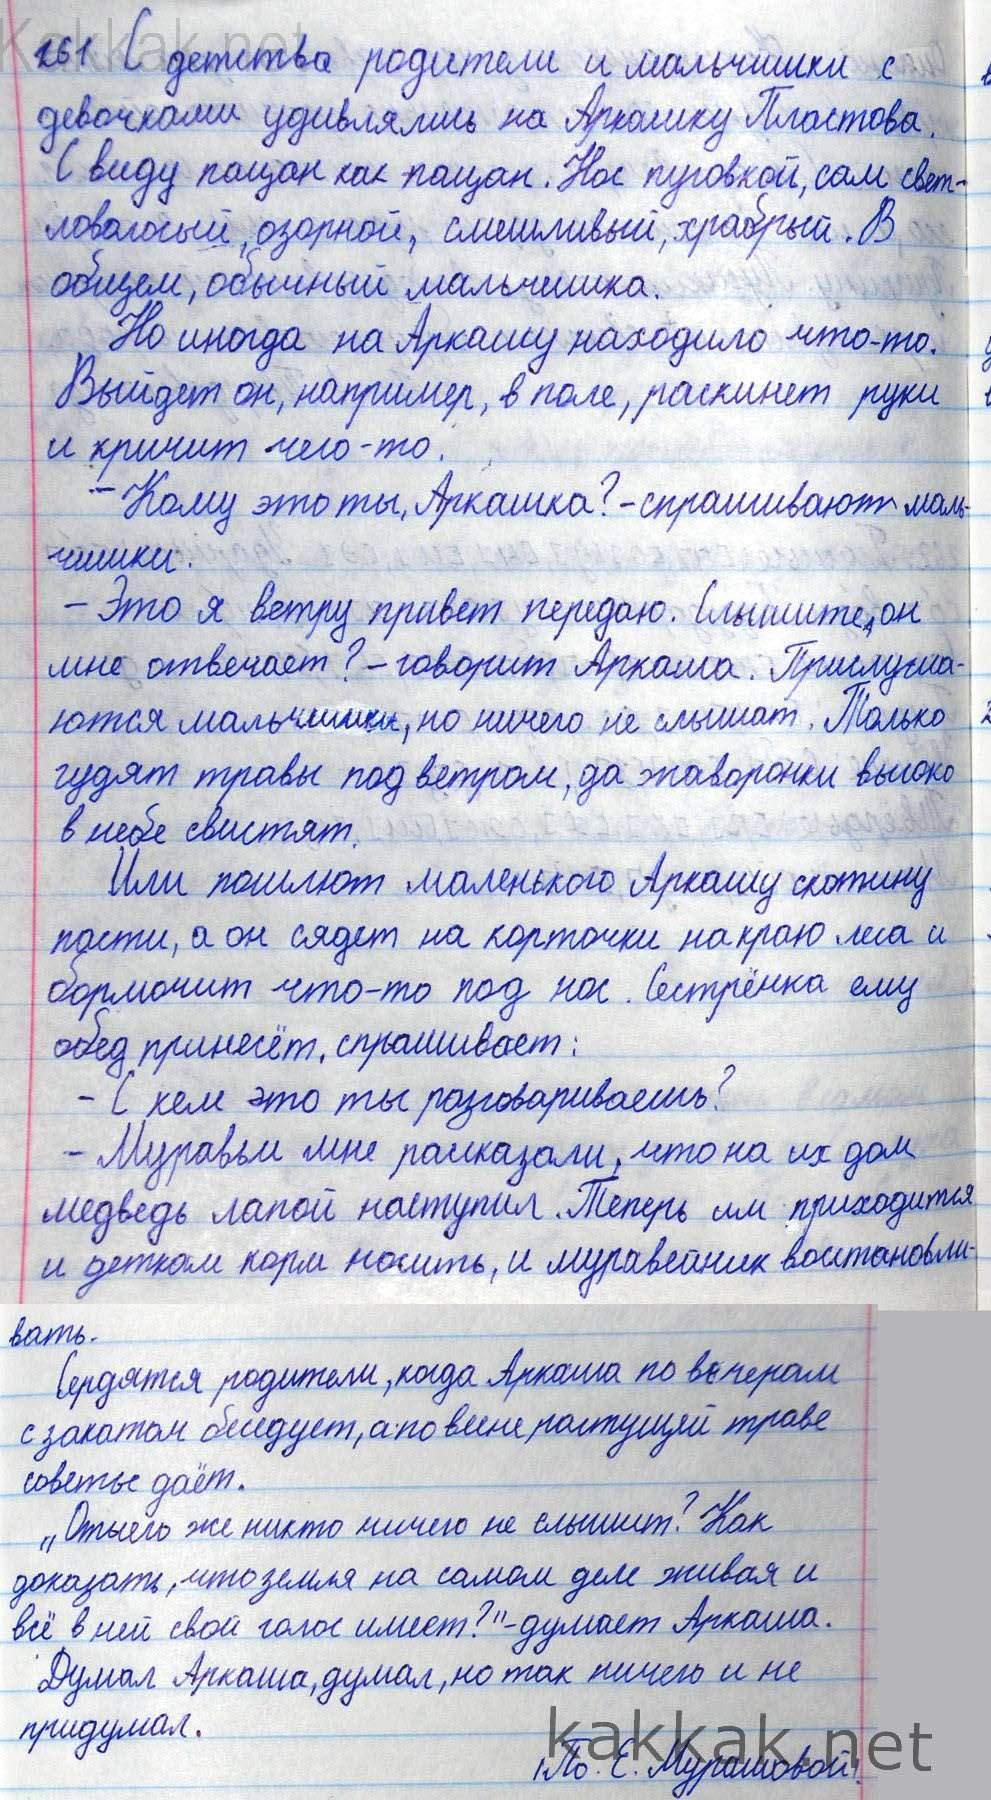 Как правильно писать изложение, сжатое изложение